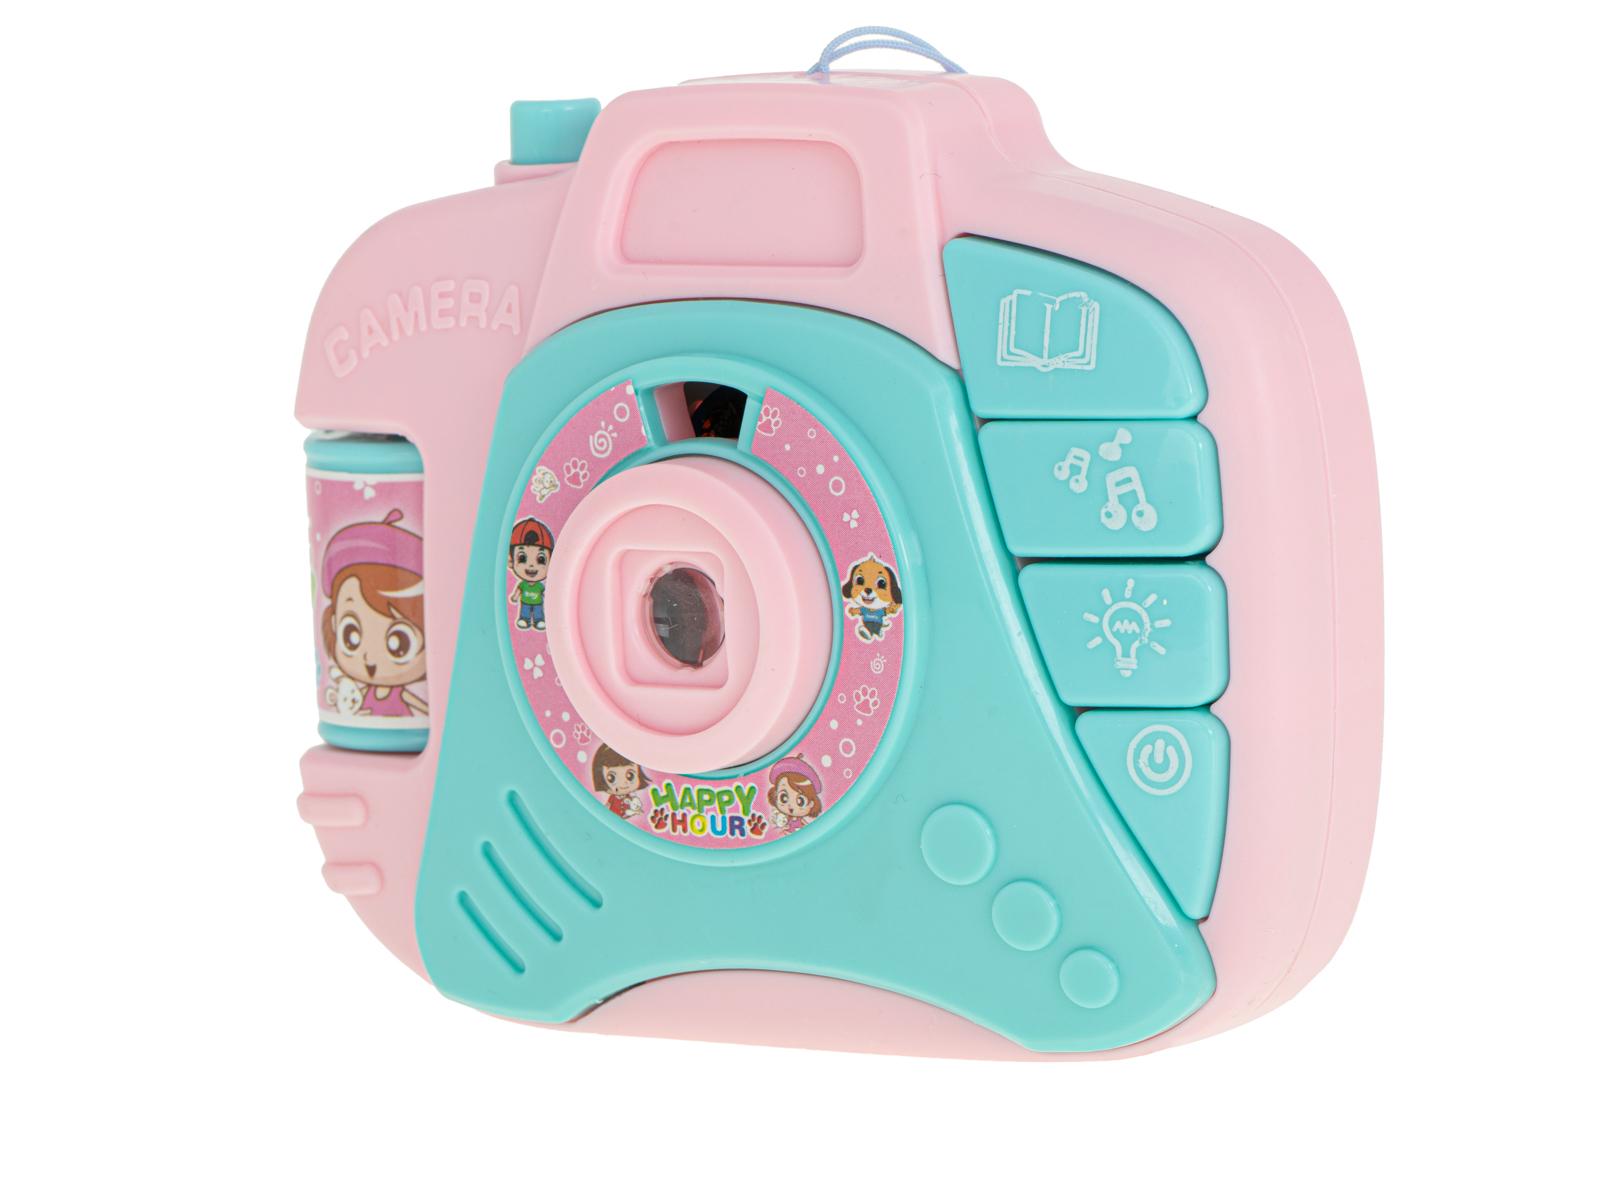 KIK Detský fotoaprát pre najmenších s projektorom